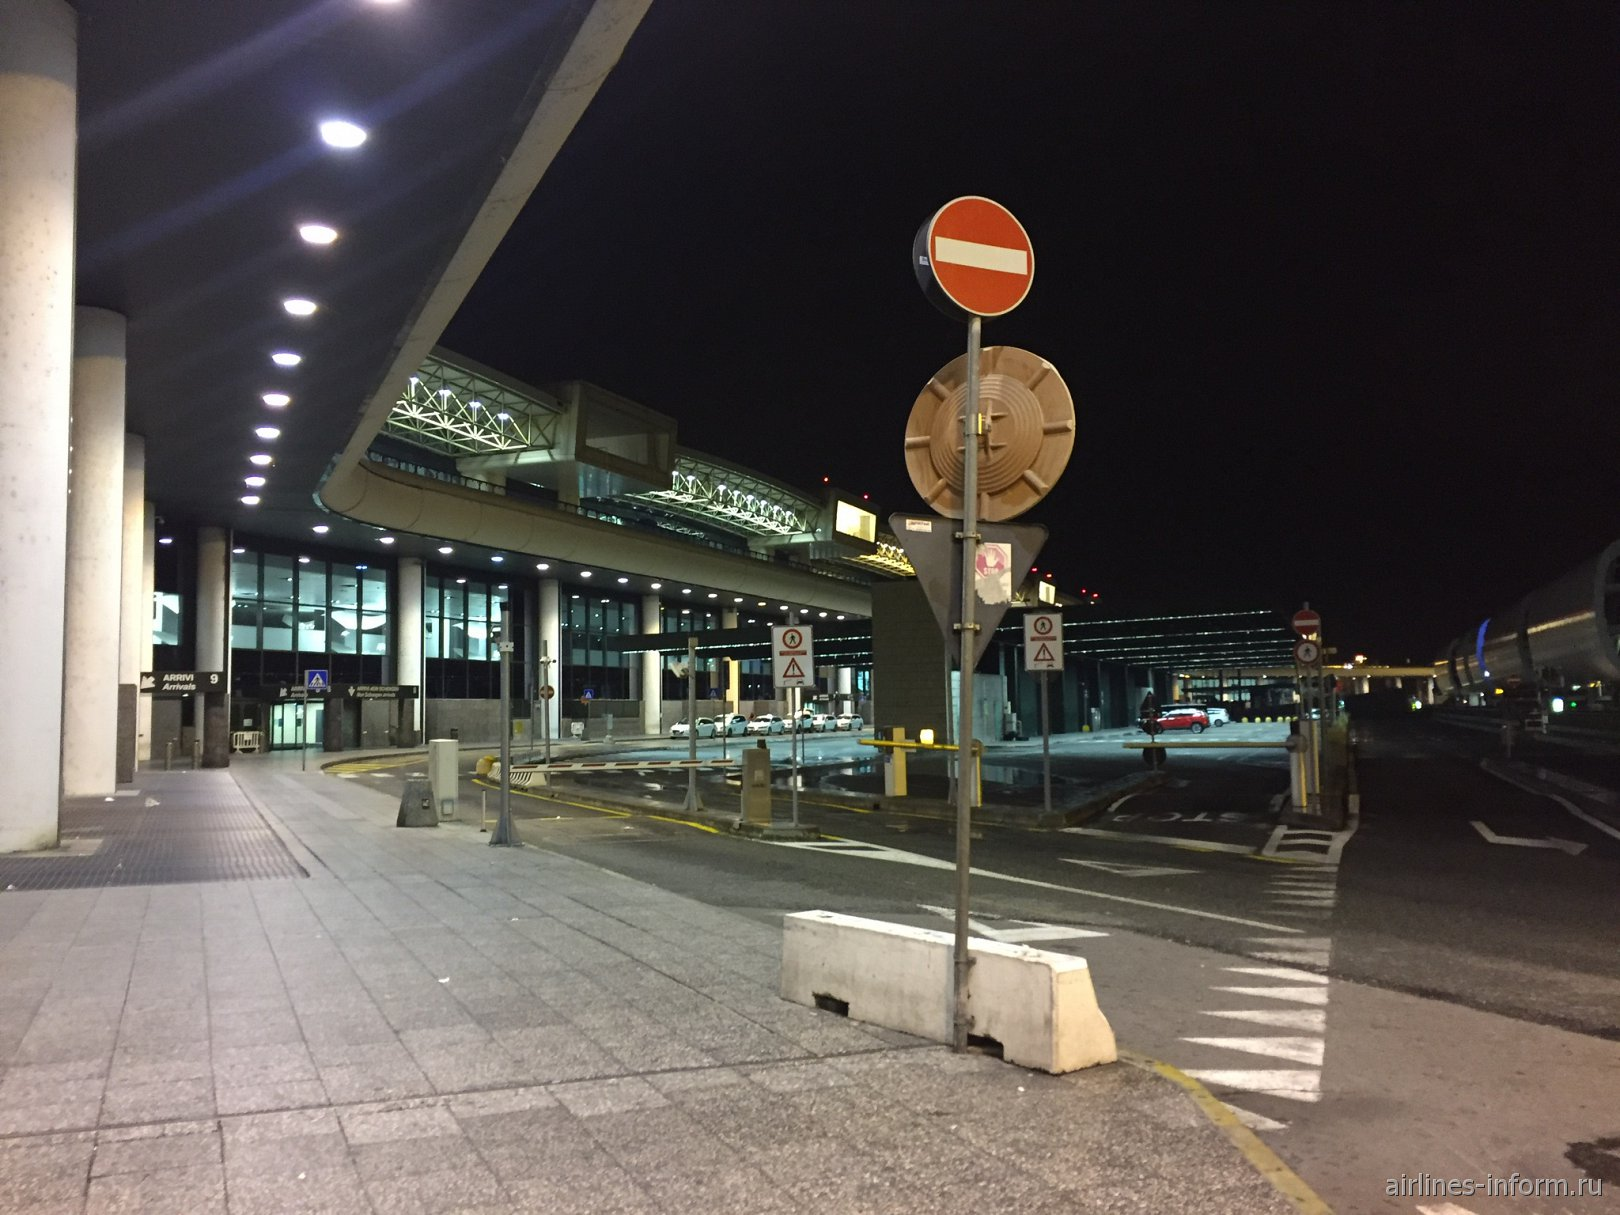 Терминал 1 аэропорта Милан-Мальпенса